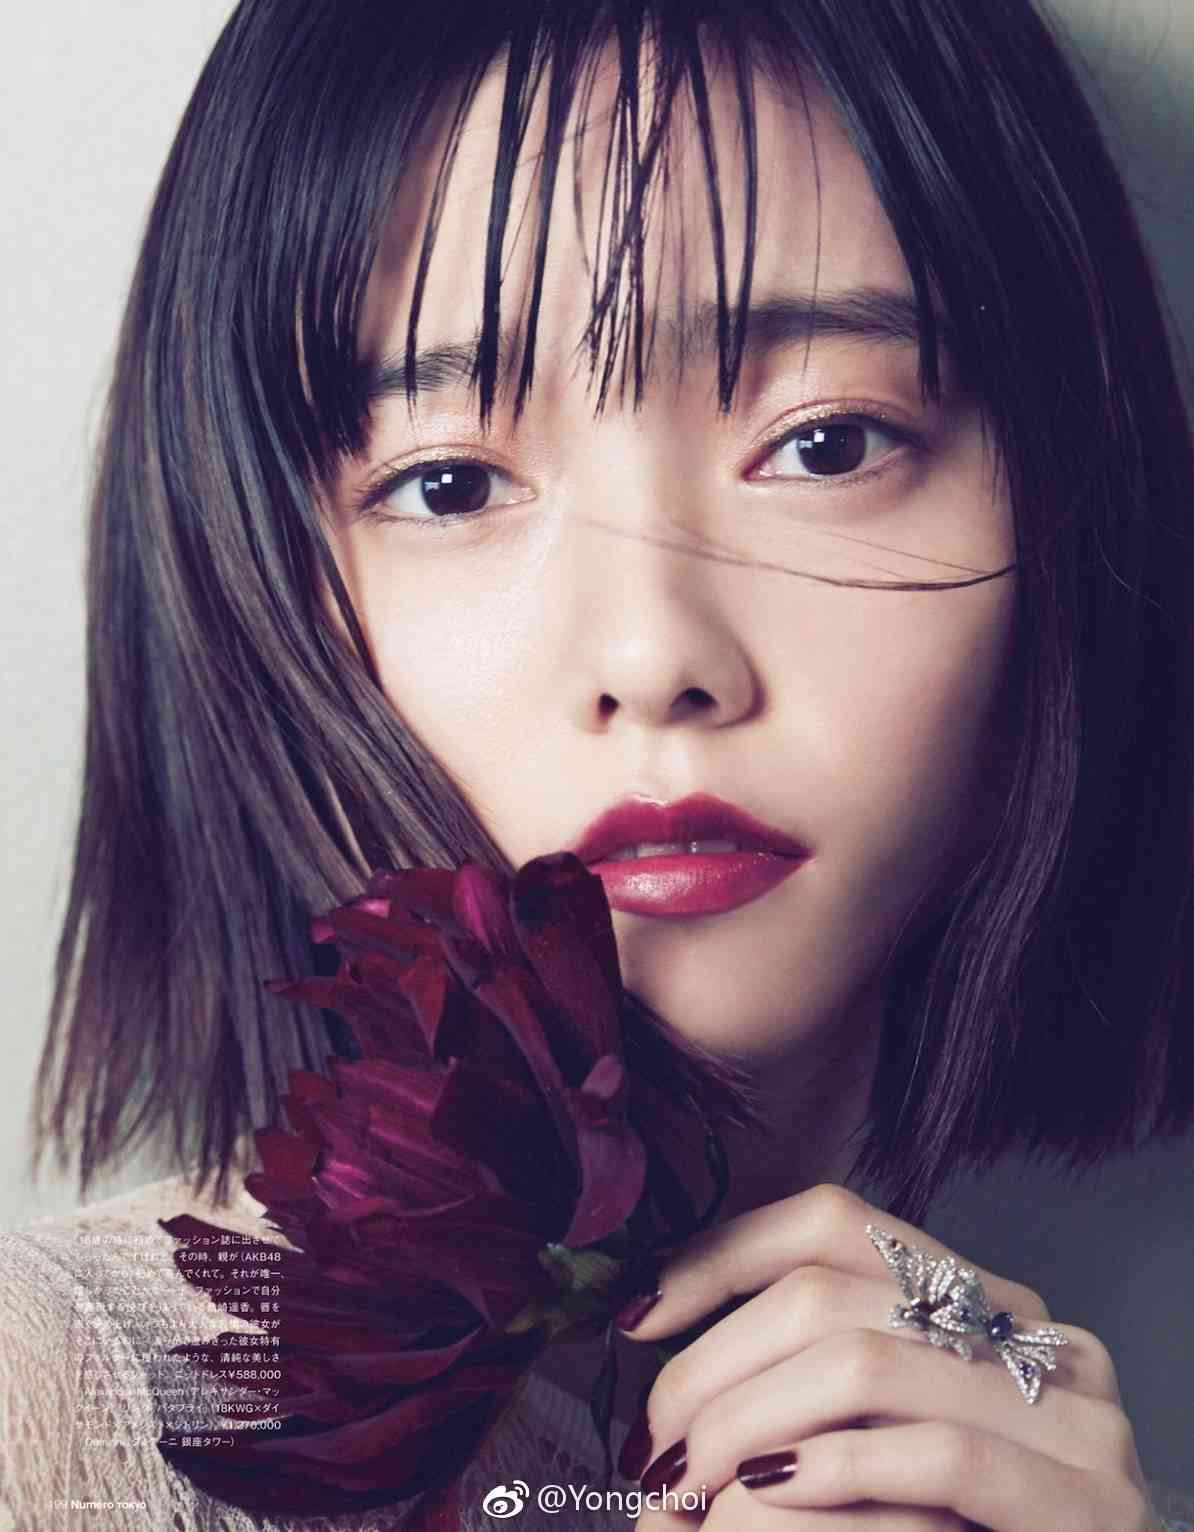 朝ドラ『ひよっこ』新キャストに元AKB48島崎遥香!竹内涼真、古舘佑太郎ら初出演